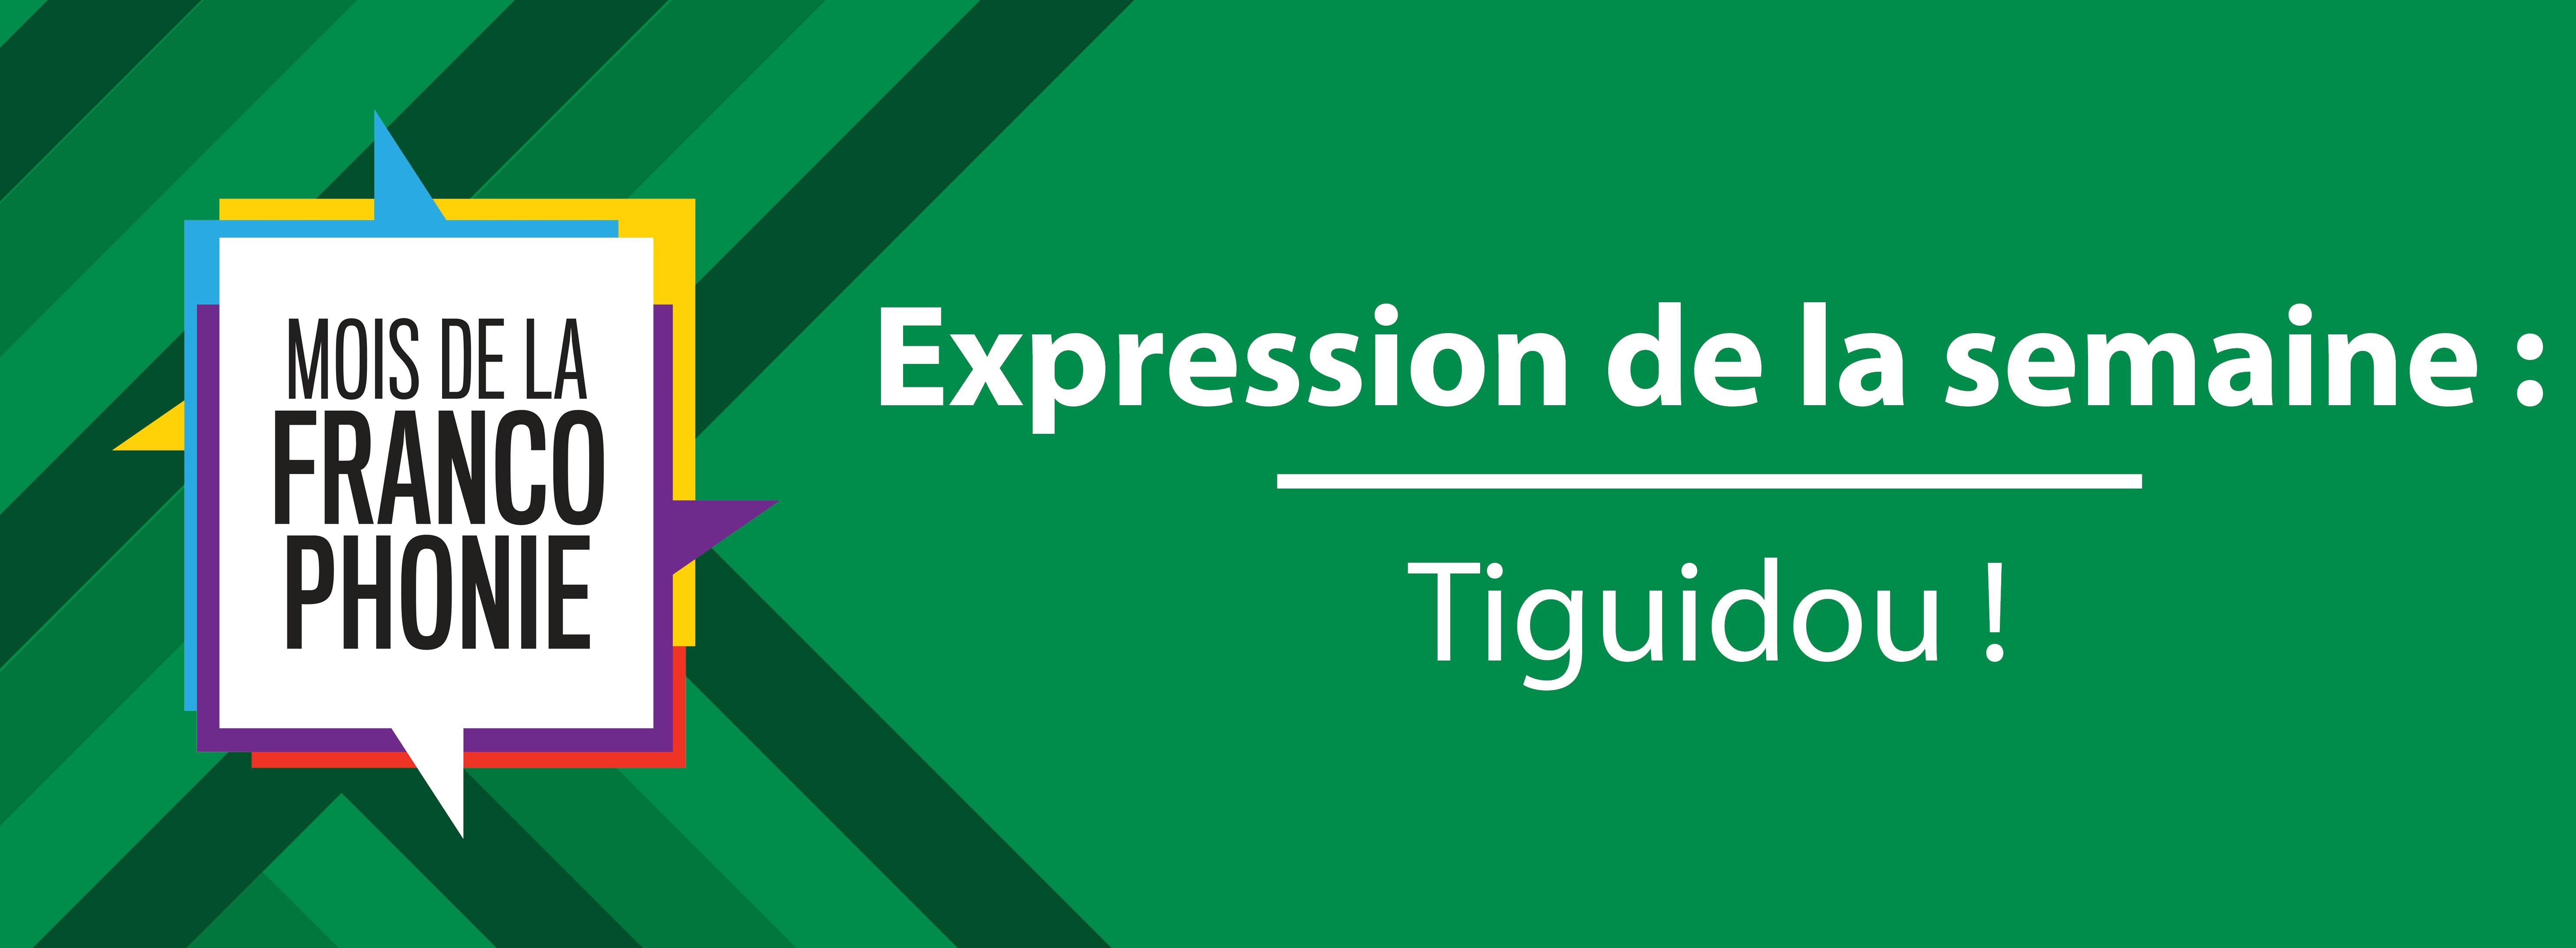 Mois de la francophonie : Tiguidou